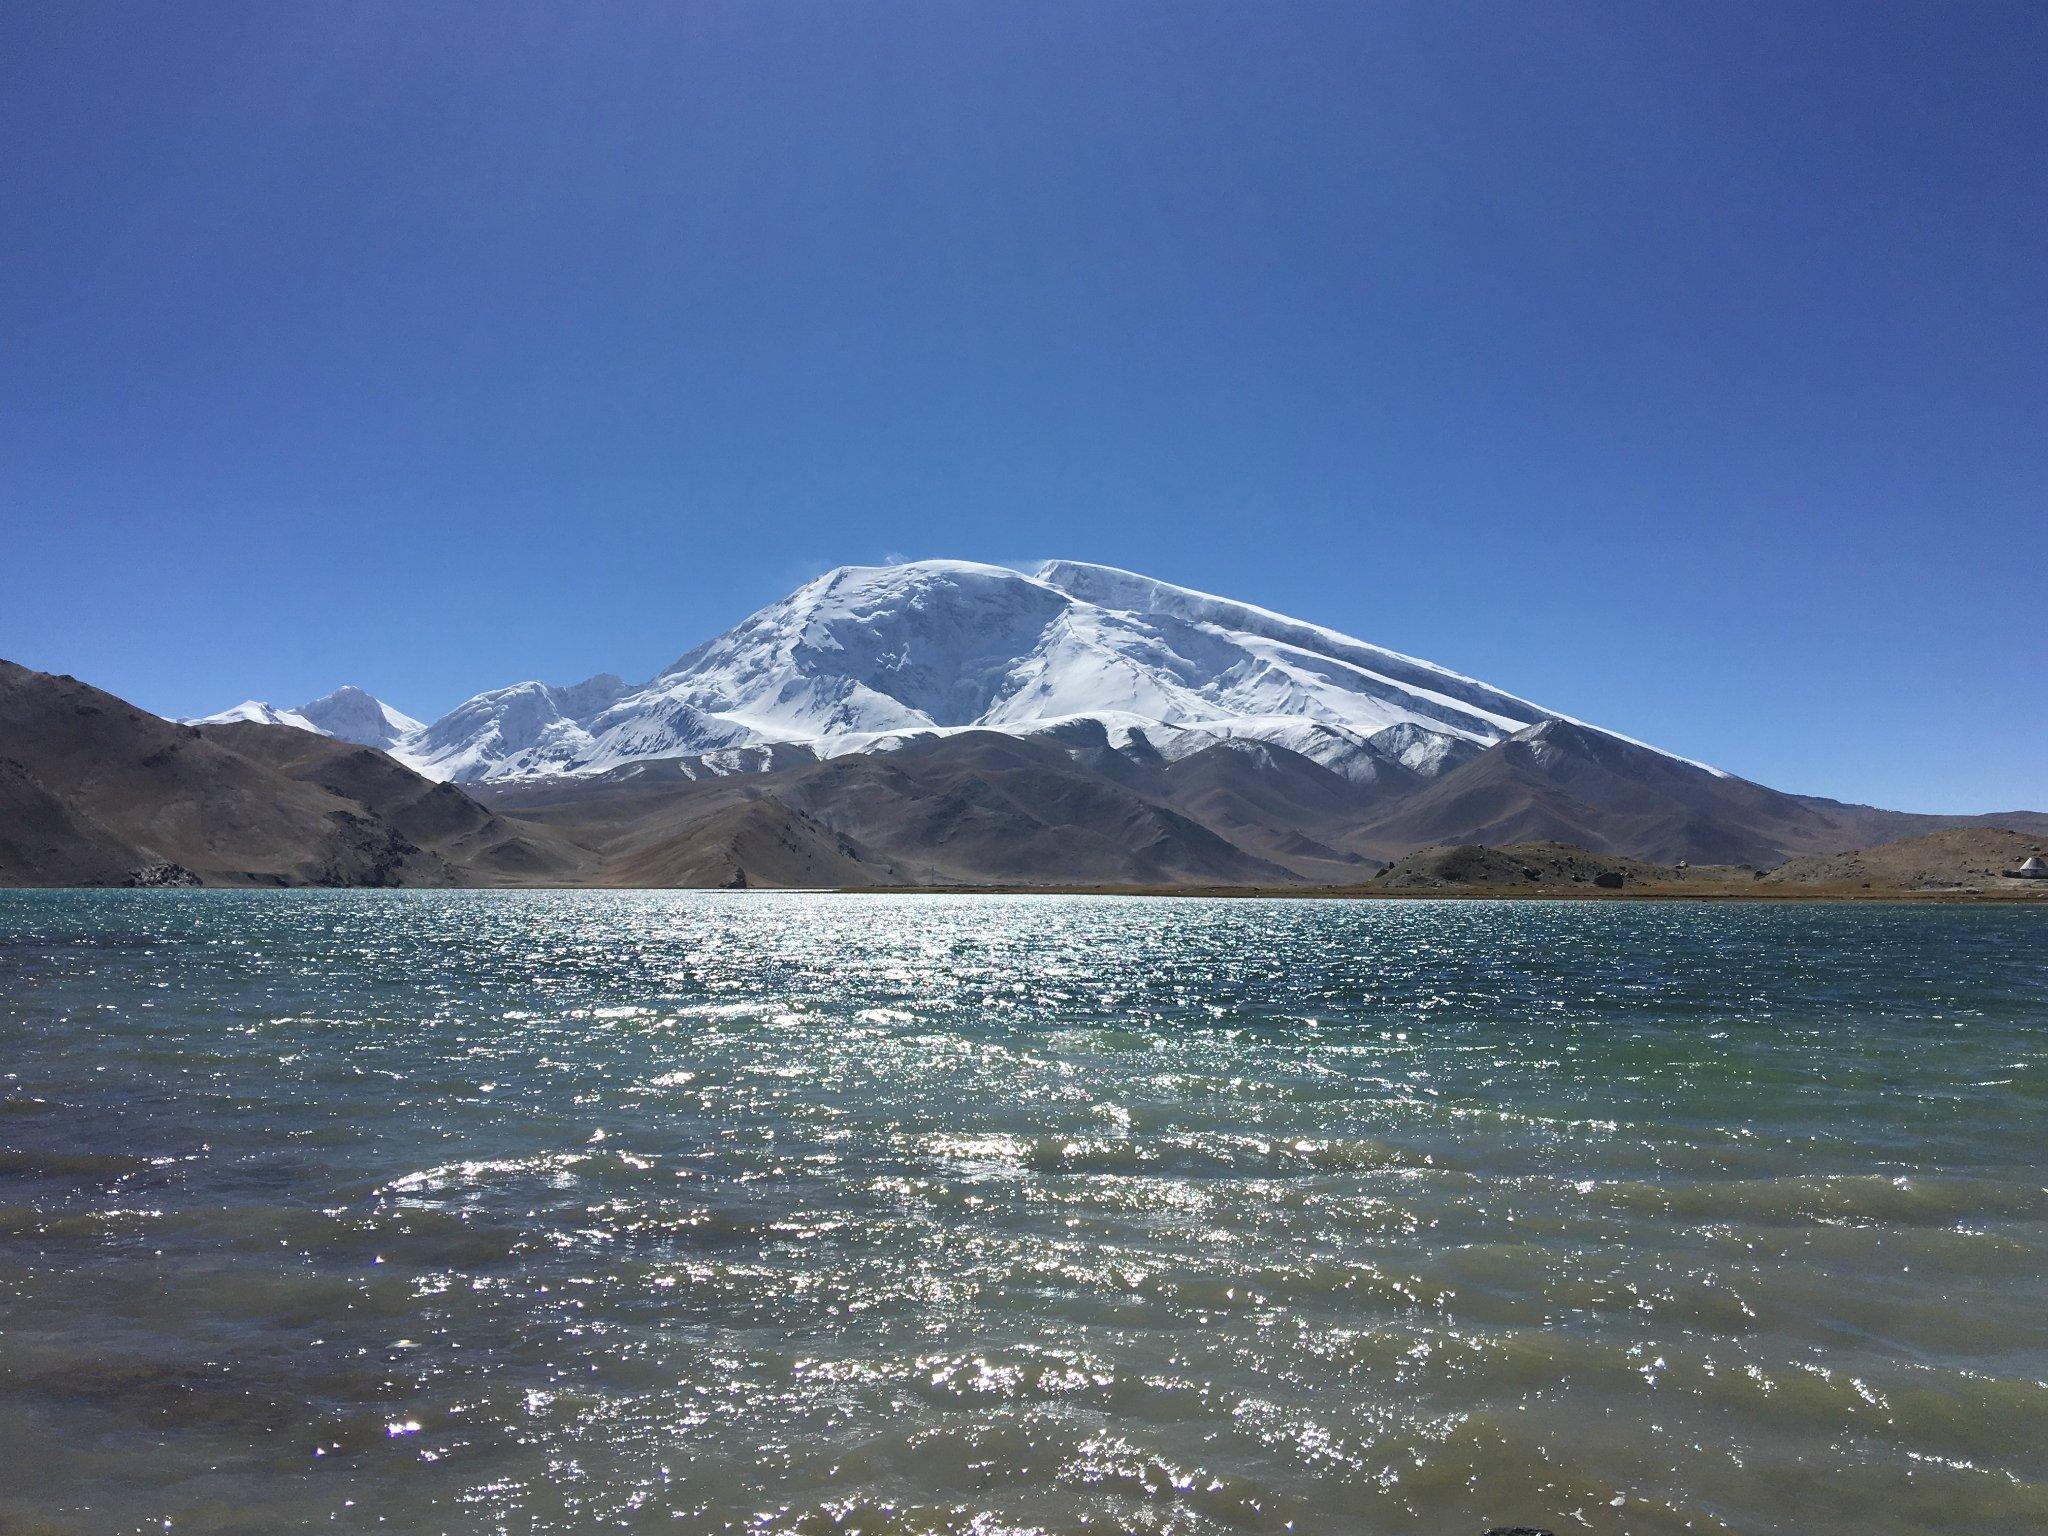 大美新疆—记忆中最新疆的南疆十二日游